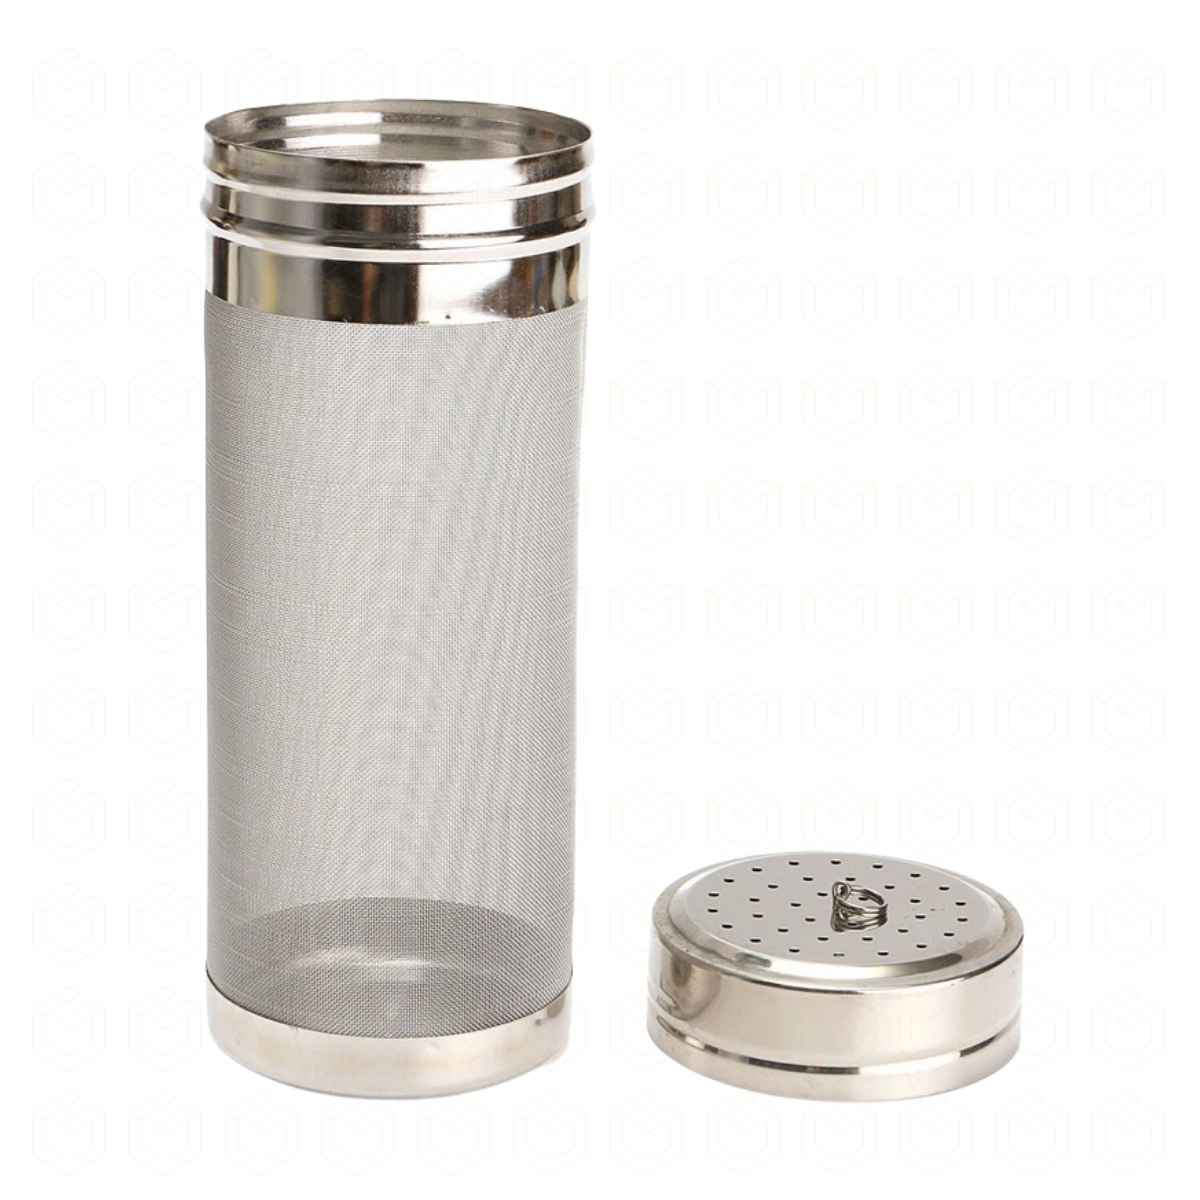 Filtro cilindrico c/ tampa, 300 micra, 70x180mm